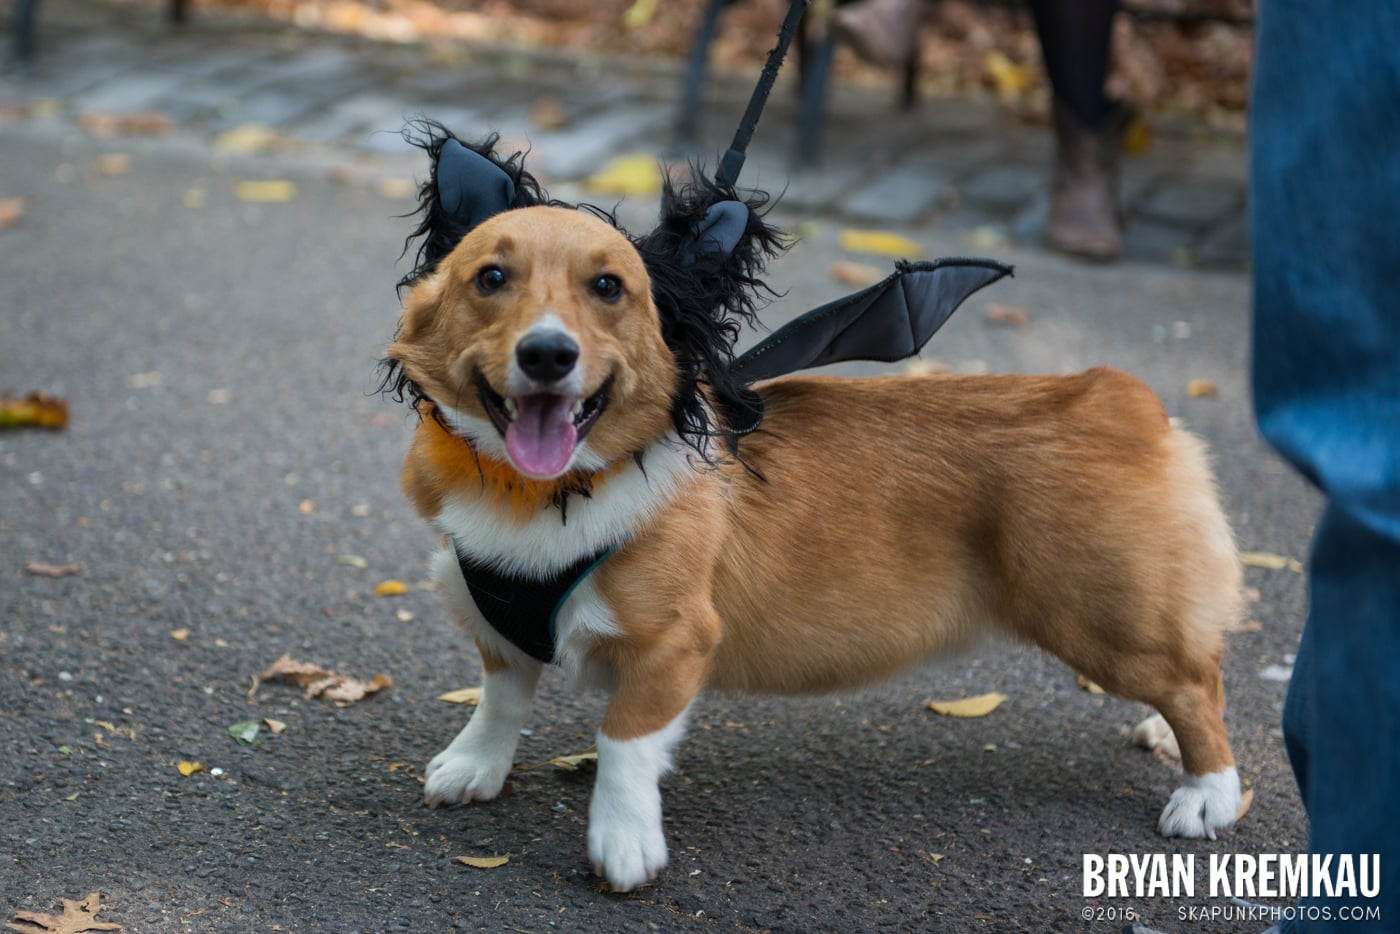 Tompkins Square Halloween Dog Parade 2013 @ Tompkins Square Park, NYC - 10.26.13 (30)